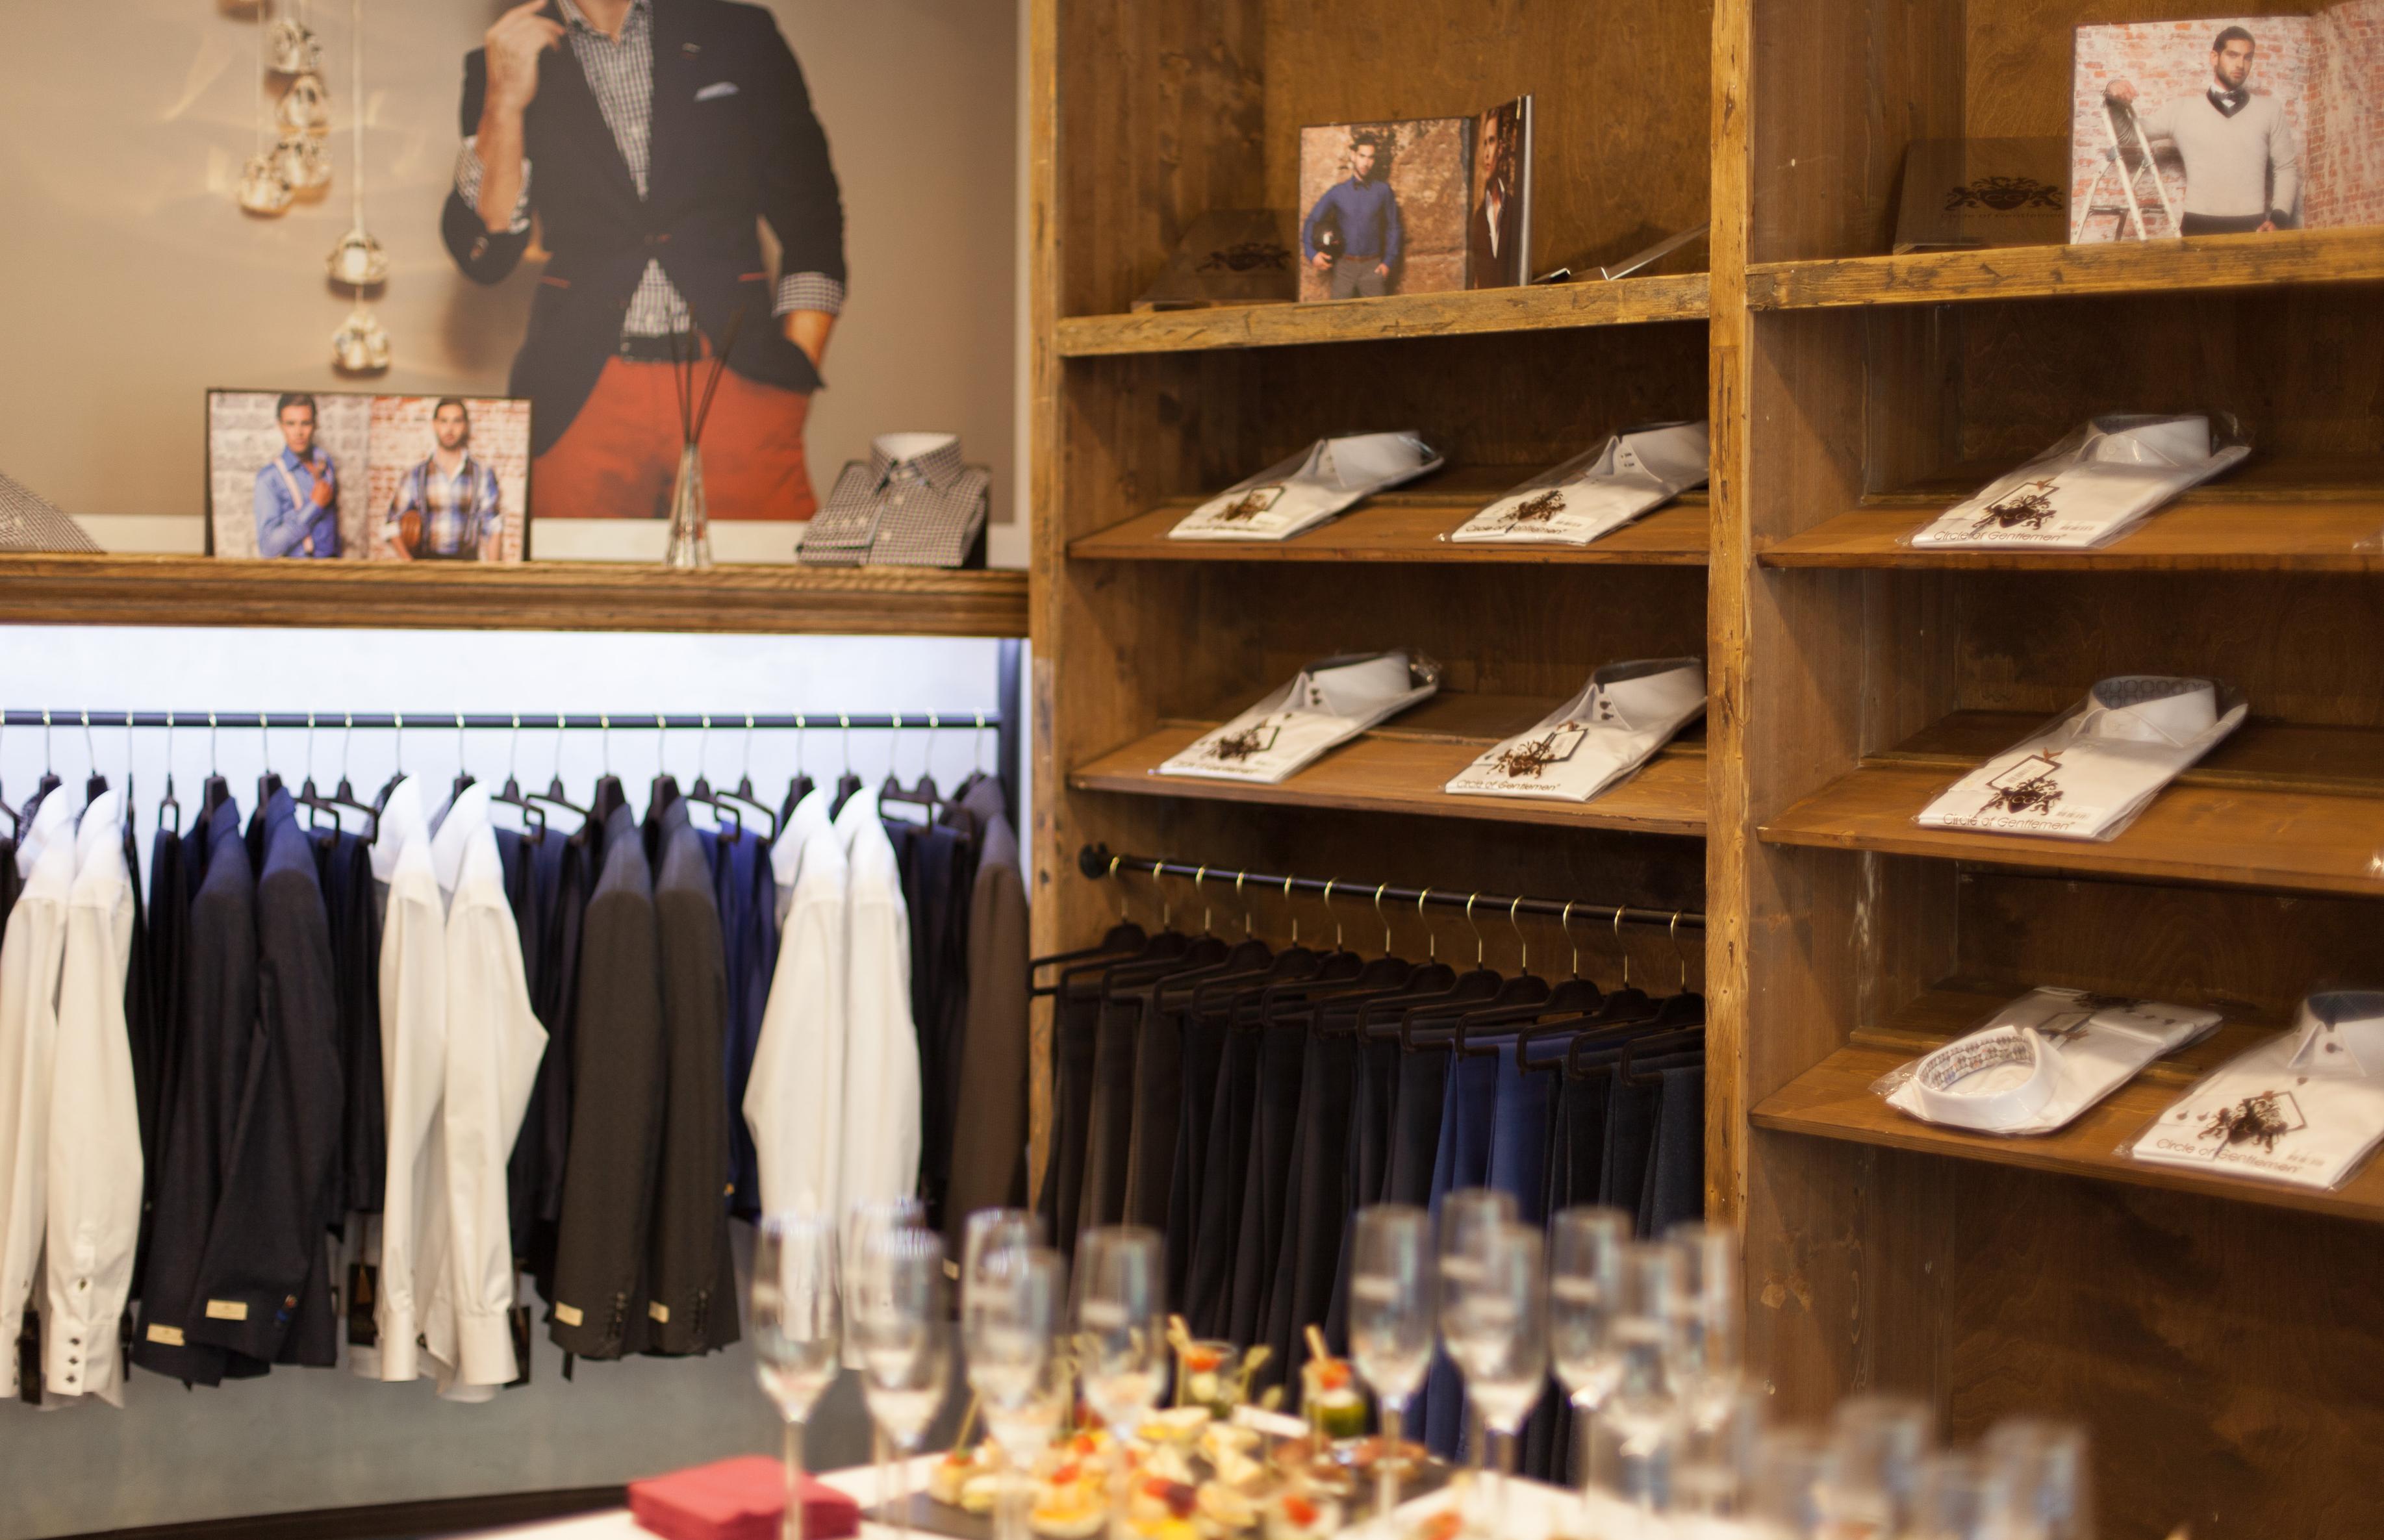 Продажа действующего бизнеса в новосибирске бильярдный клуб работа швеи в спб свежие вакансии от прямых работодателей